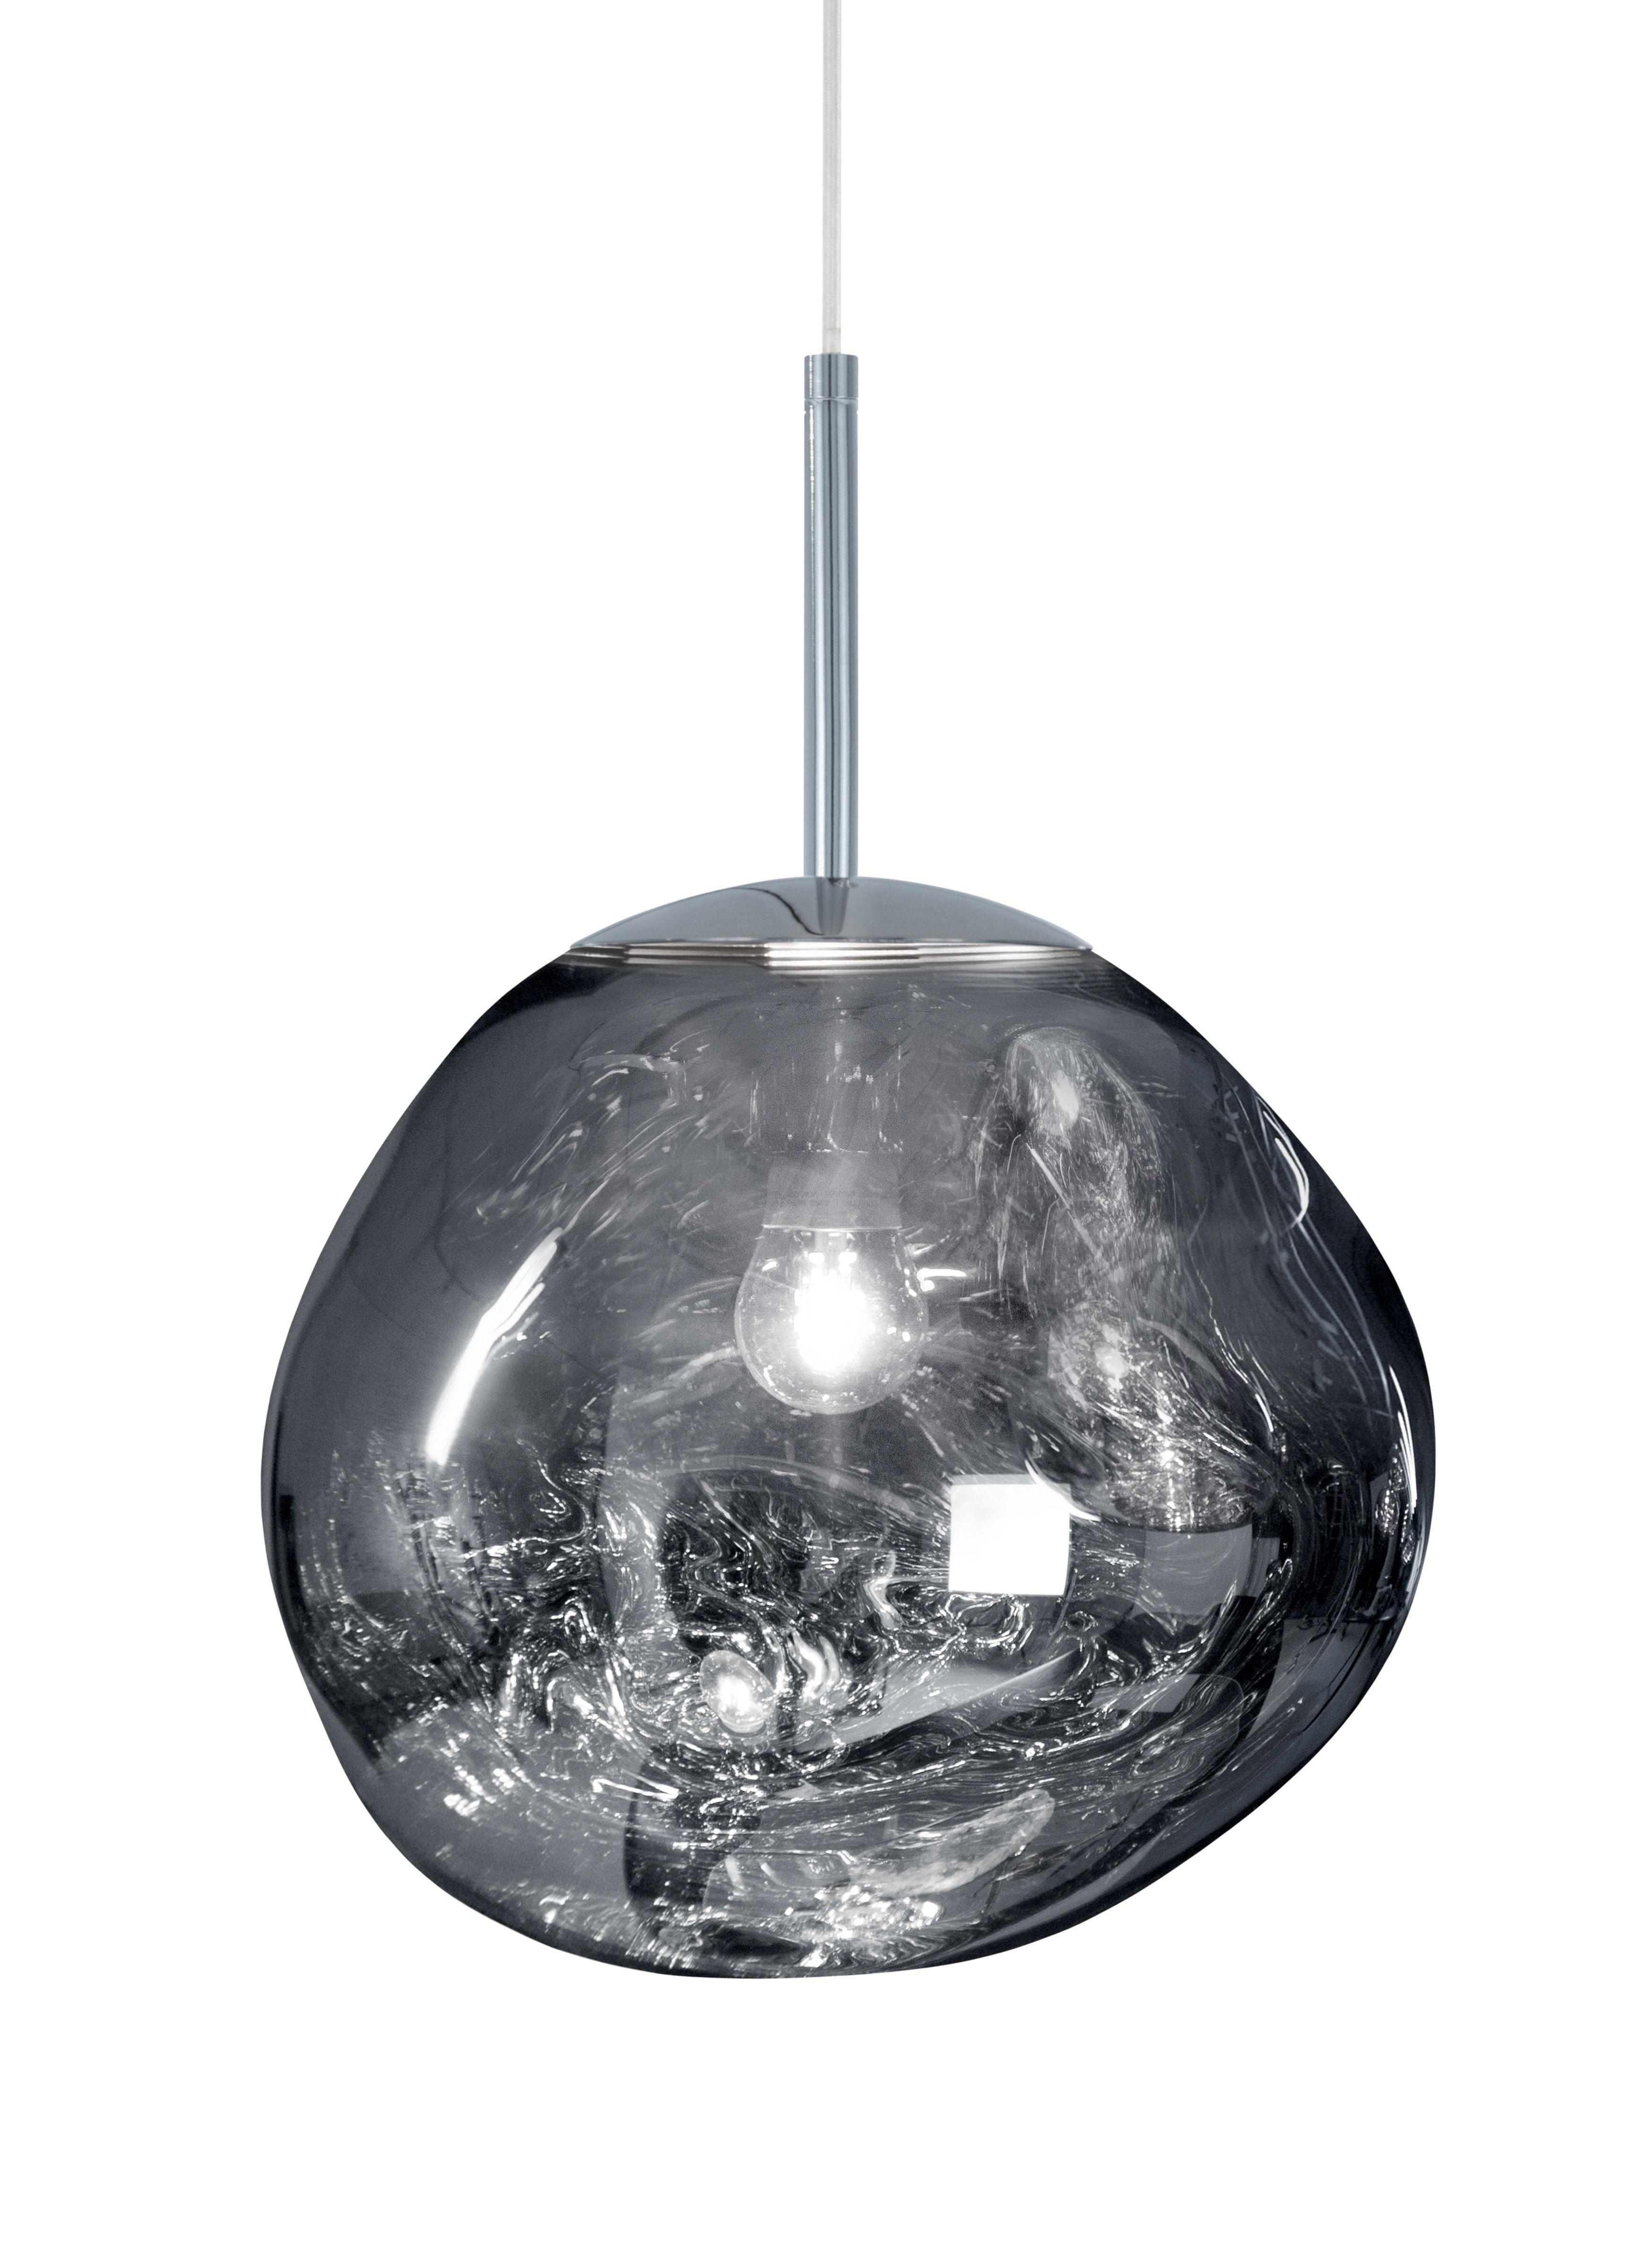 Luminaire - Suspensions - Suspension Melt Mini / Ø 27 cm - Tom Dixon - Chromé - Polycarbonate